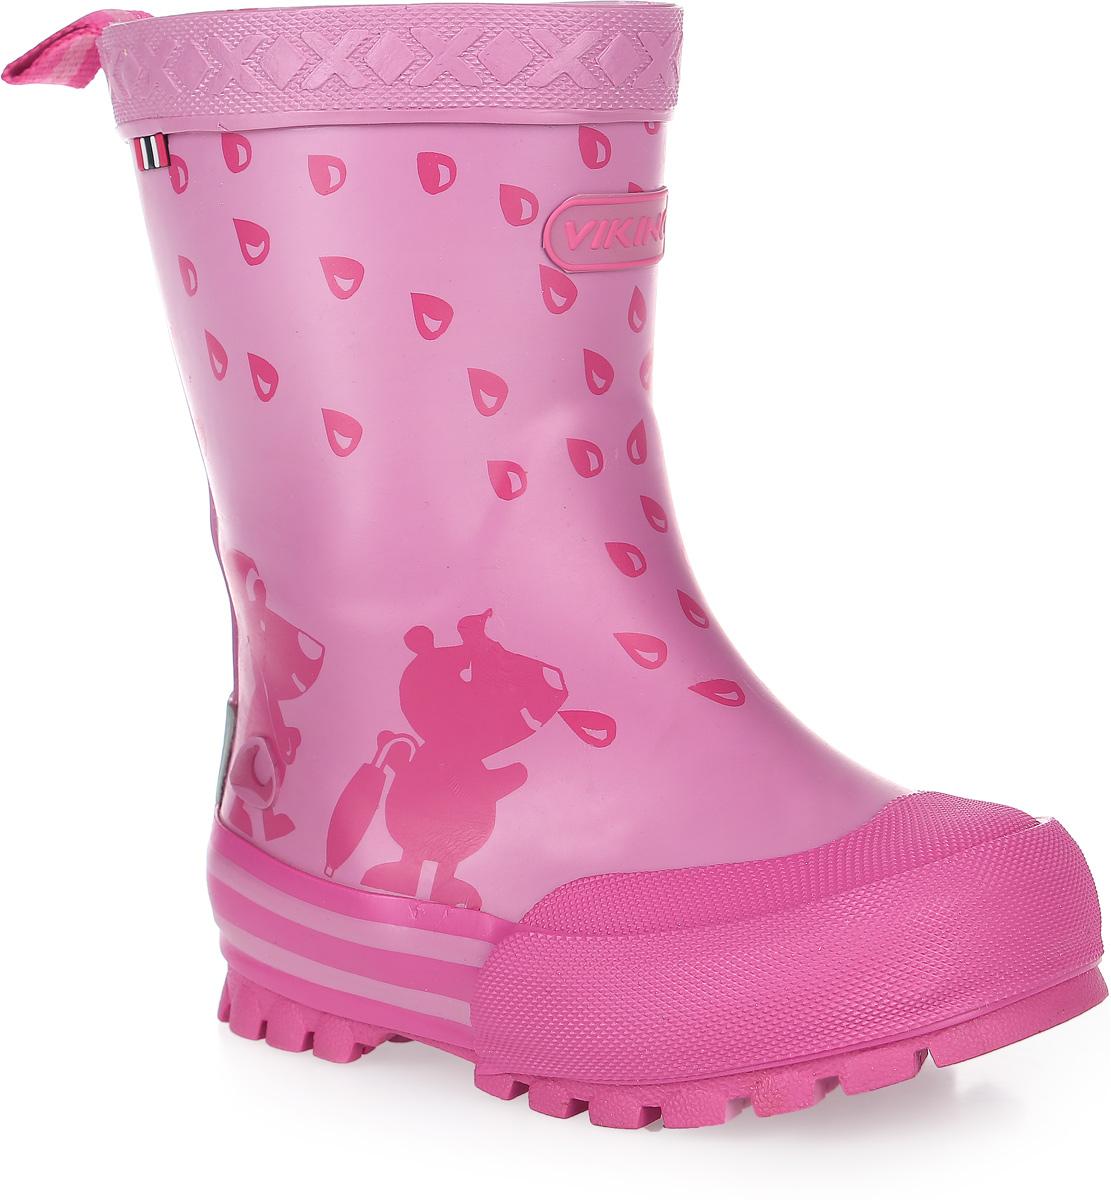 Резиновые сапоги1-17130-00009Модные резиновые сапоги от Viking - идеальная обувь в дождливую погоду для вашей девочки. Модель с противоударным носком оформлена забавным принтом и эмблемой с названием бренда. Внутренняя поверхность и стелька, выполненные из синтетического материала со скрученными волокнами, способствующими поддержанию тепла, комфортны при ходьбе. Ярлычок на заднике облегчает обувание модели. Подошва с протектором гарантирует отличное сцепление с любой поверхностью. Резиновые сапоги - необходимая вещь в гардеробе каждого ребенка.